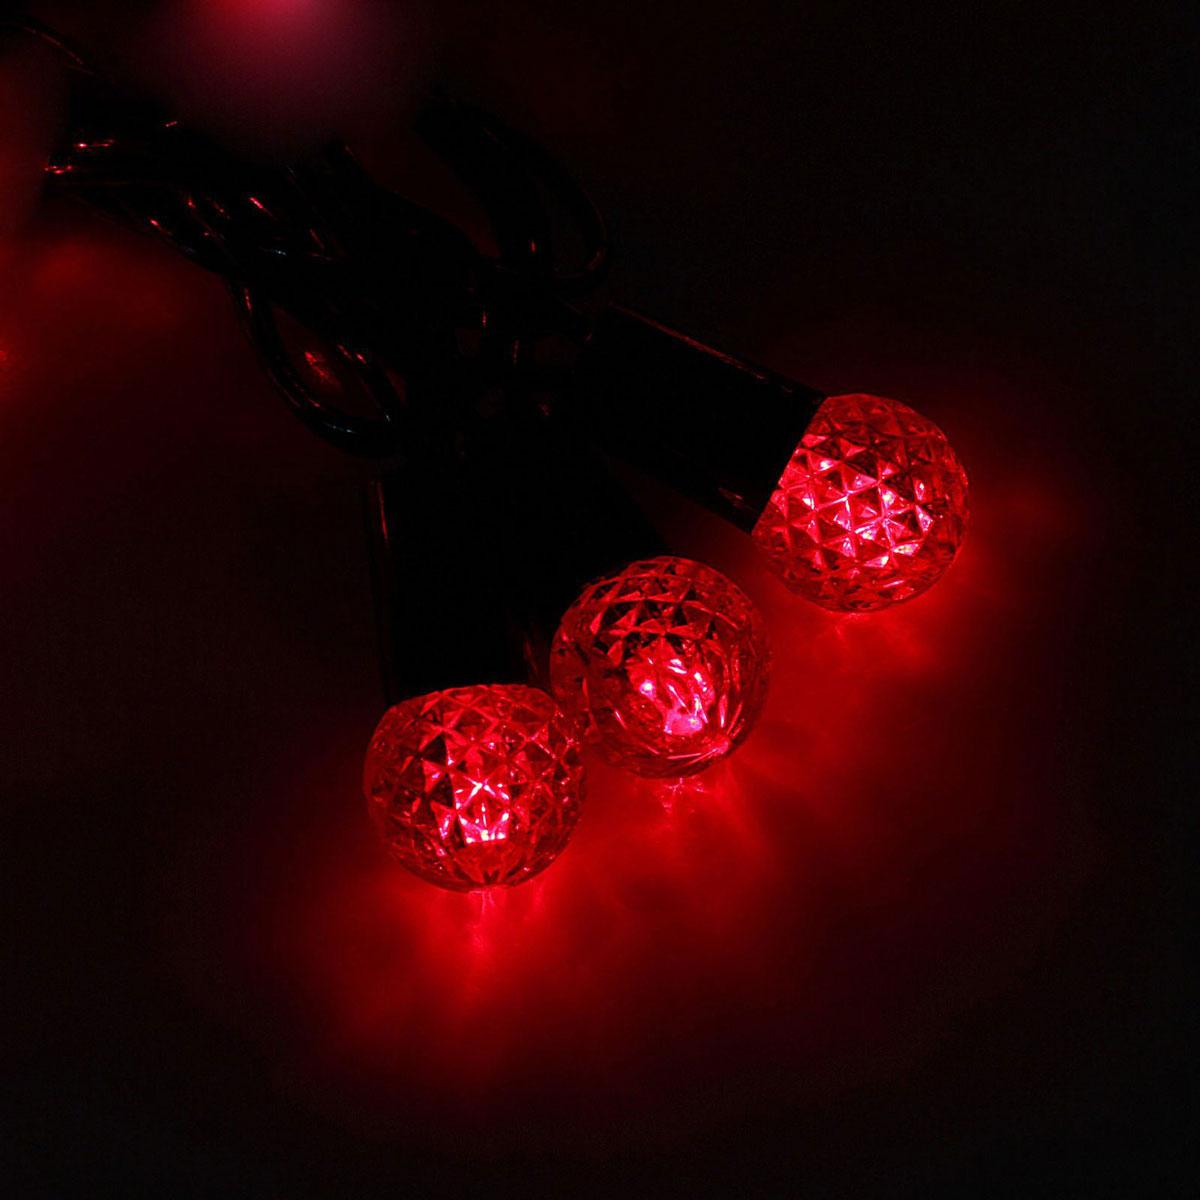 Гирлянда светодиодная Luazon Метраж. Фонарик, уличная с насадкой, 8 режимов, 40 ламп, 220 V, 5 м, цвет: красный. 10801101080110Светодиодные гирлянды, ленты и т.д. — это отличный вариант для новогоднего оформления интерьера или фасада. С их помощью помещение любого размера можно превратить в праздничный зал, а внешние элементы зданий, украшенные ими, мгновенно станут напоминать очертания сказочного дворца. Такие украшения создают ауру предвкушения чуда. Деревья, фасады, витрины, окна и арки будто специально созданы, чтобы вы украсили их светящимися нитями.